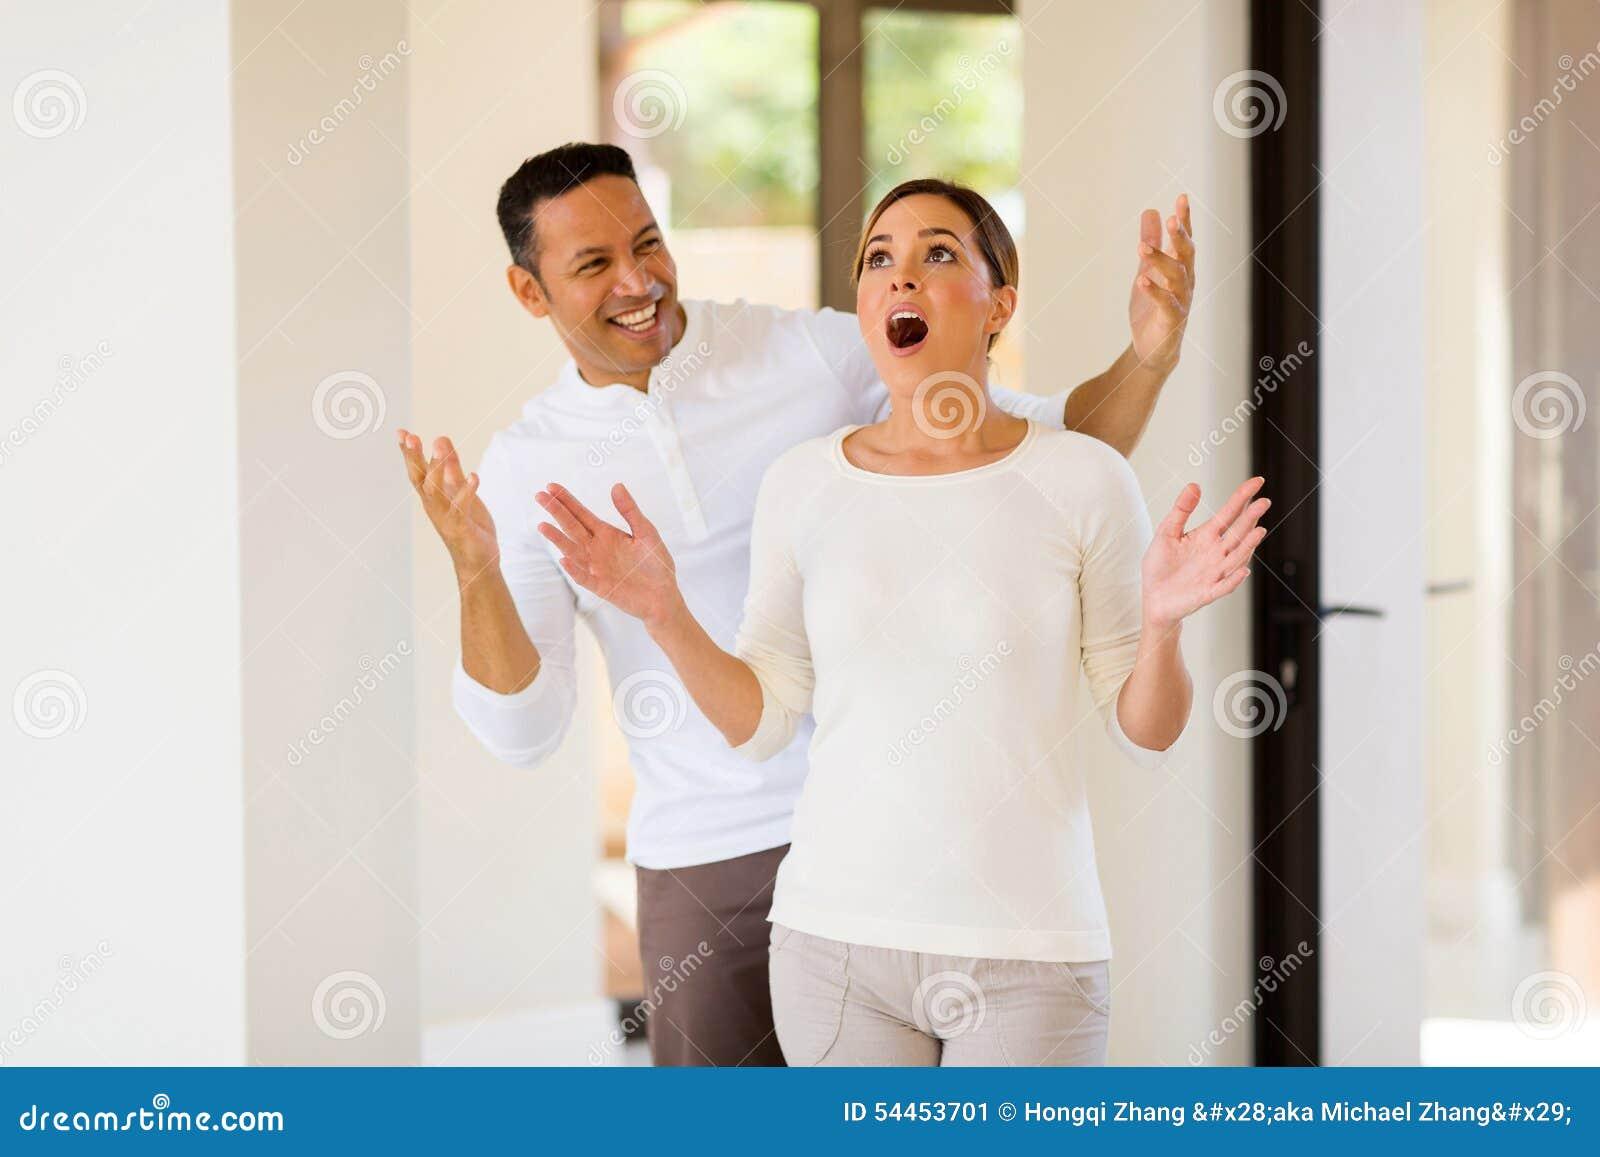 Homme étonnant son épouse